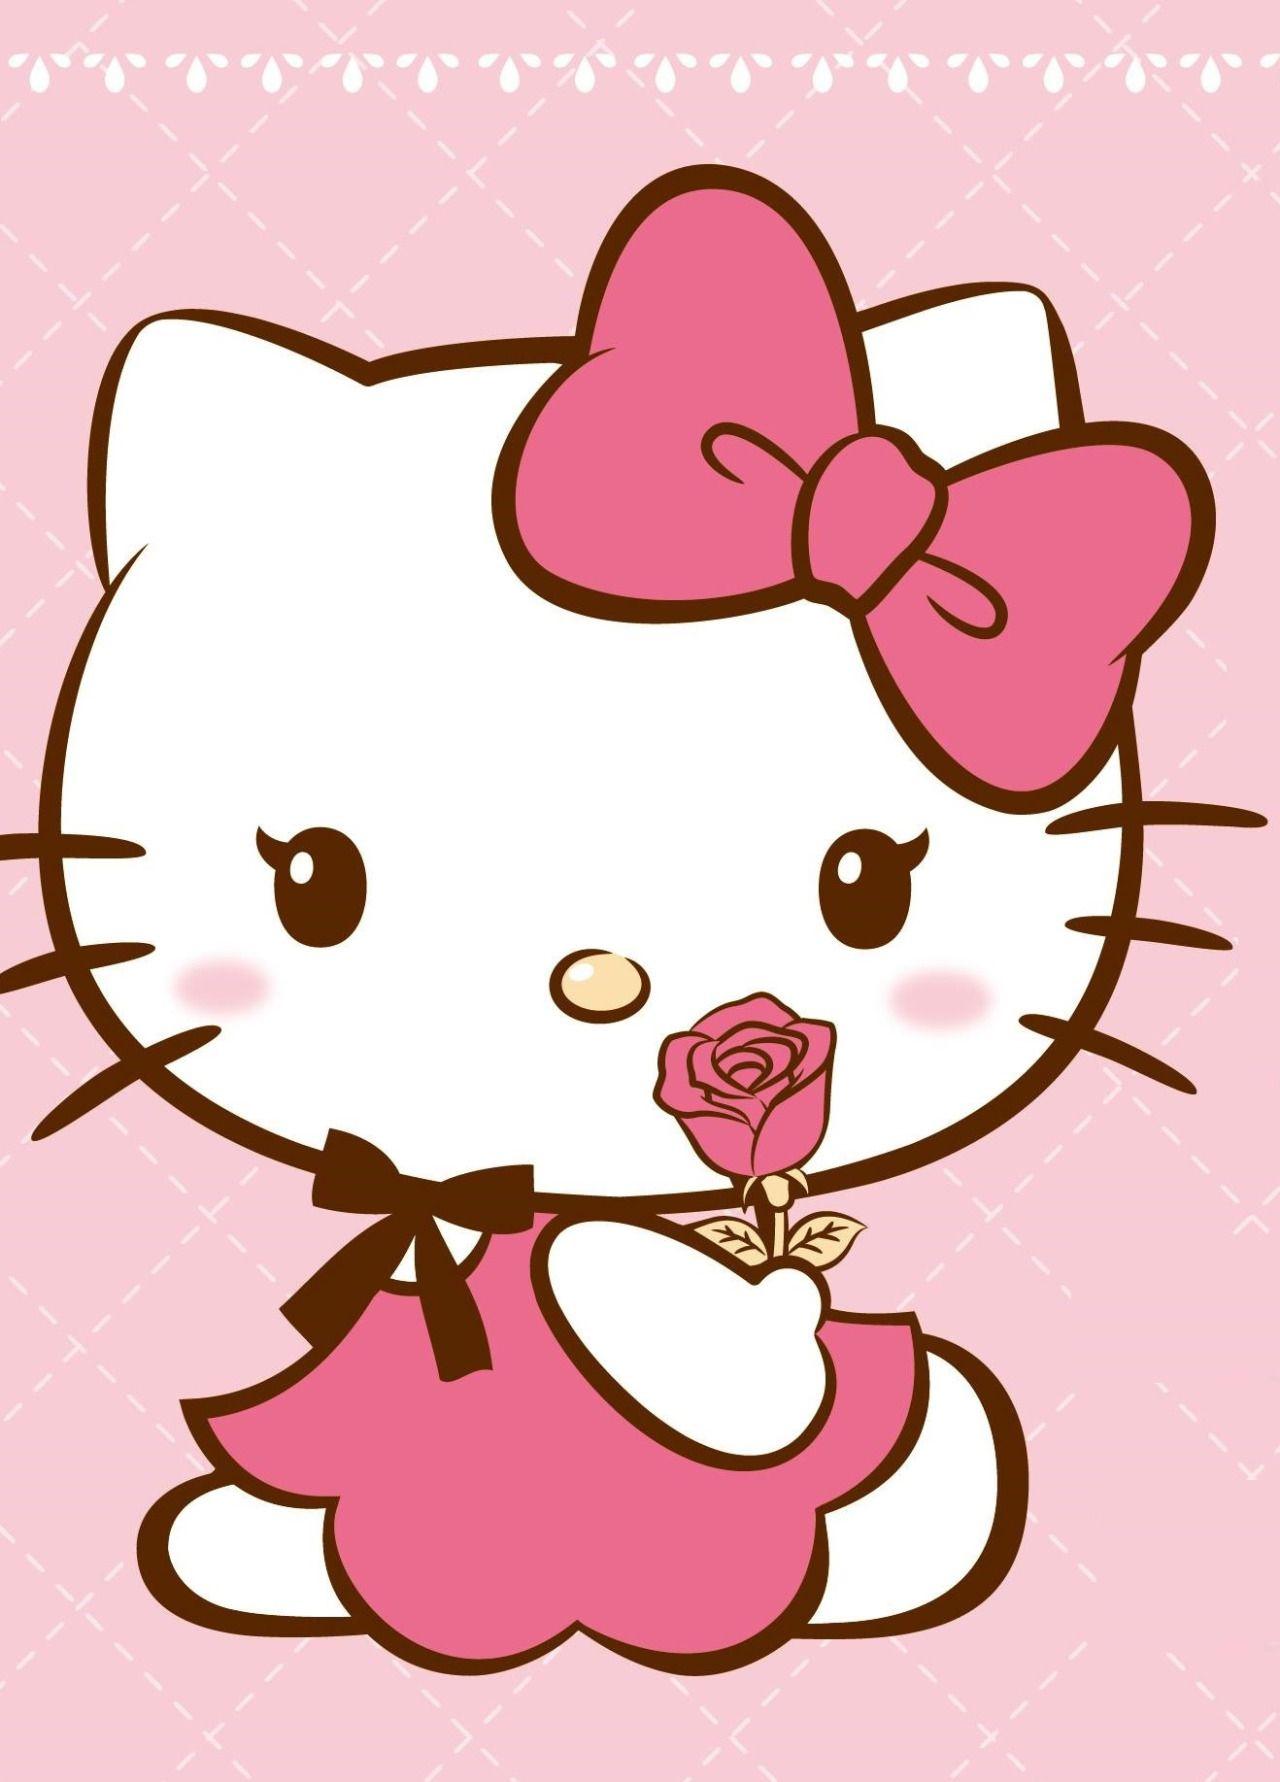 Cô gái Hello Kitty màu hồng xinh đẹp